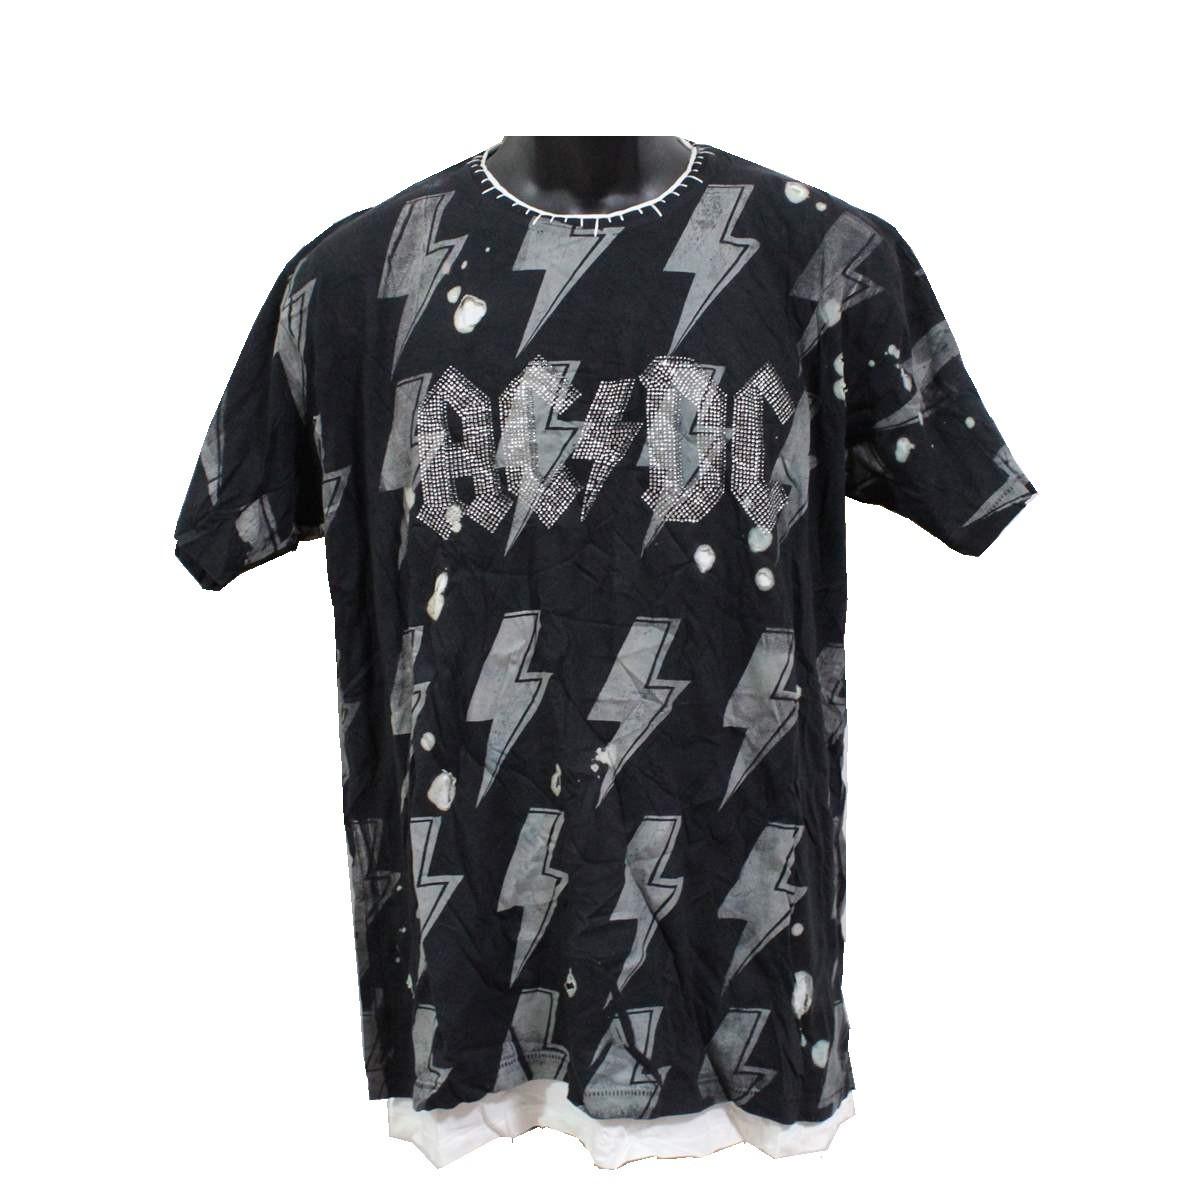 サディスティックアクション SADISTIC ACTION アイコニック ICONIC COTURE メンズ半袖Tシャツ AC/DC Lサイズ 新品_画像1